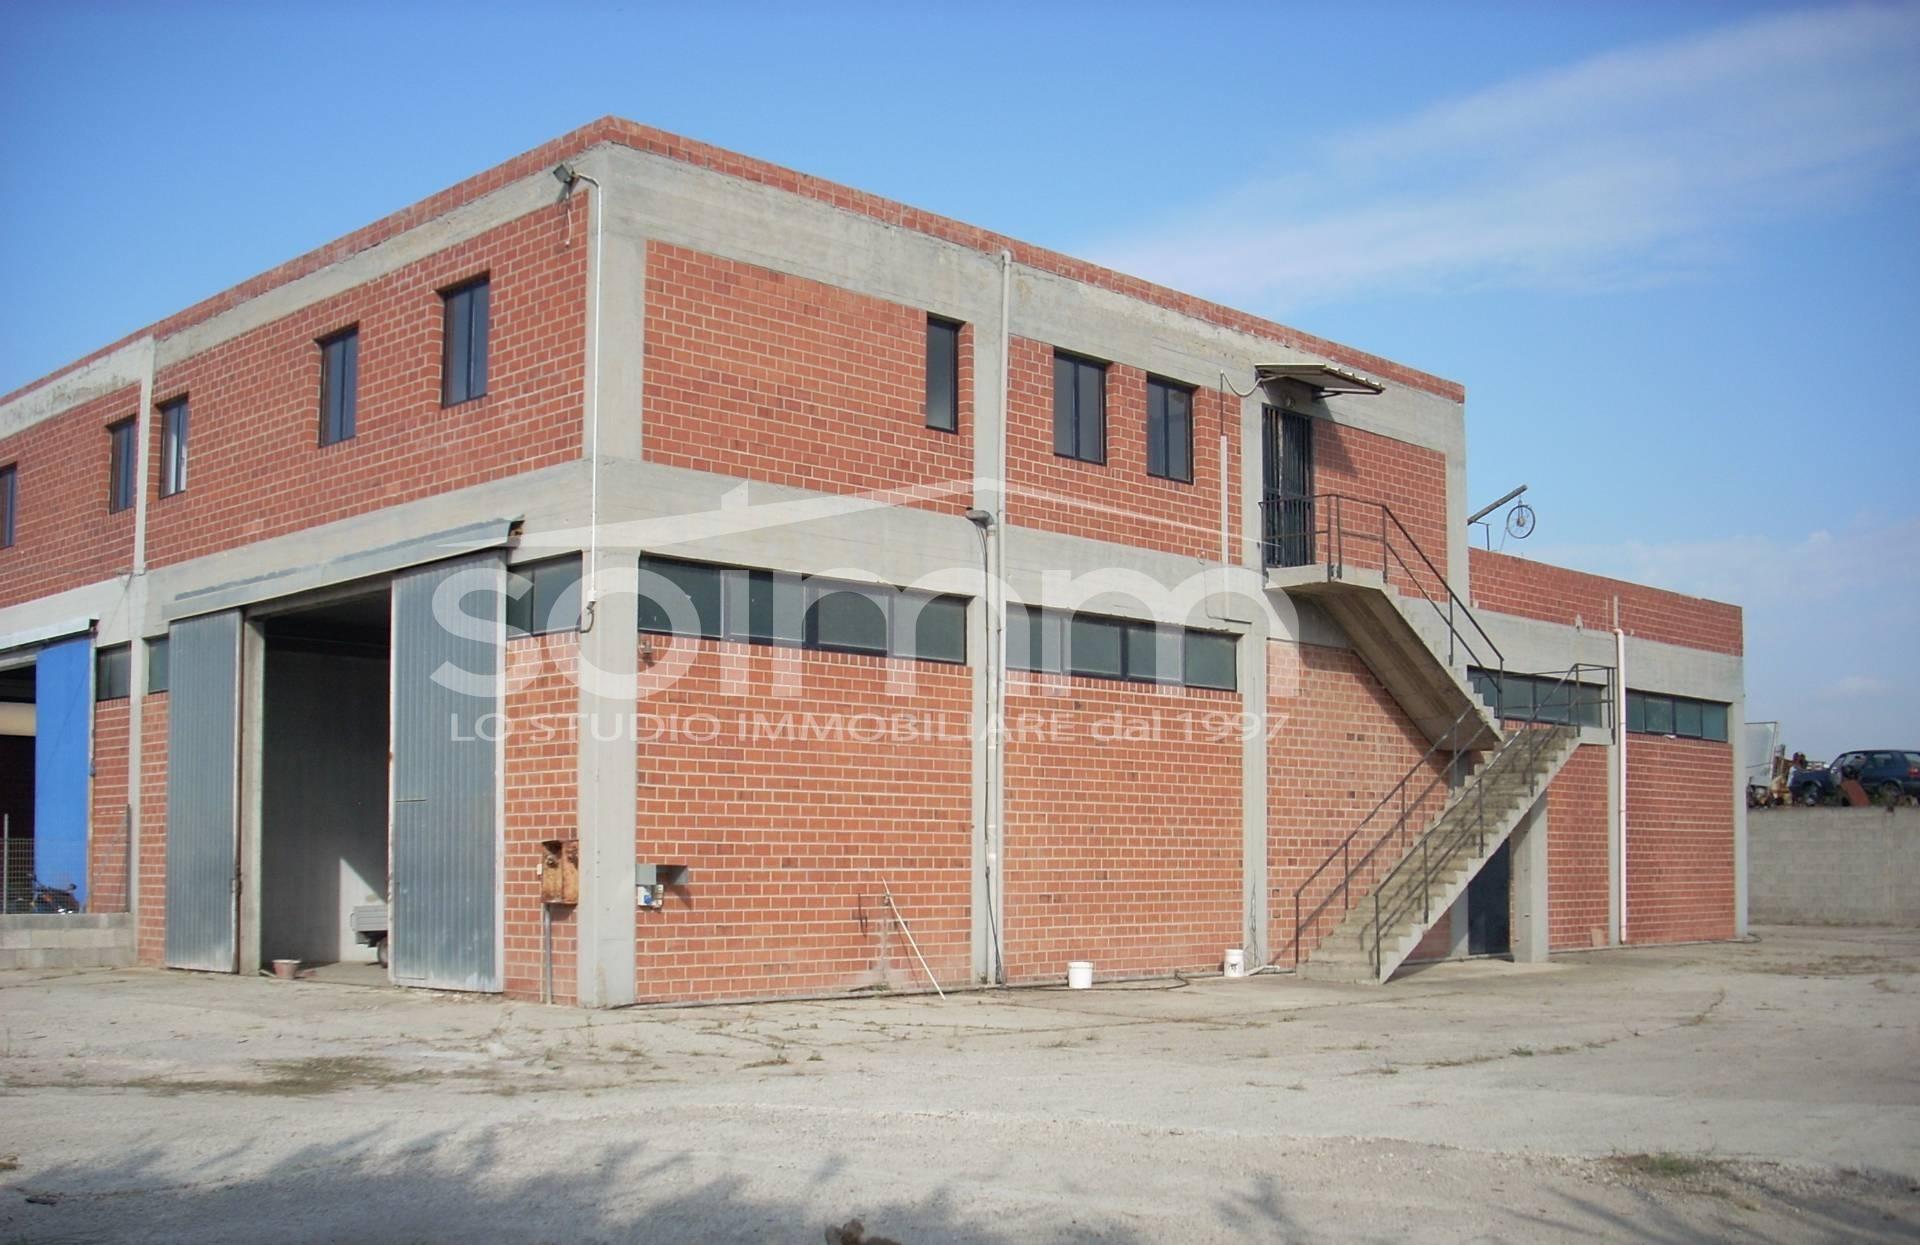 Capannone Industriale in Affitto a Cagliari - Cod. AO143